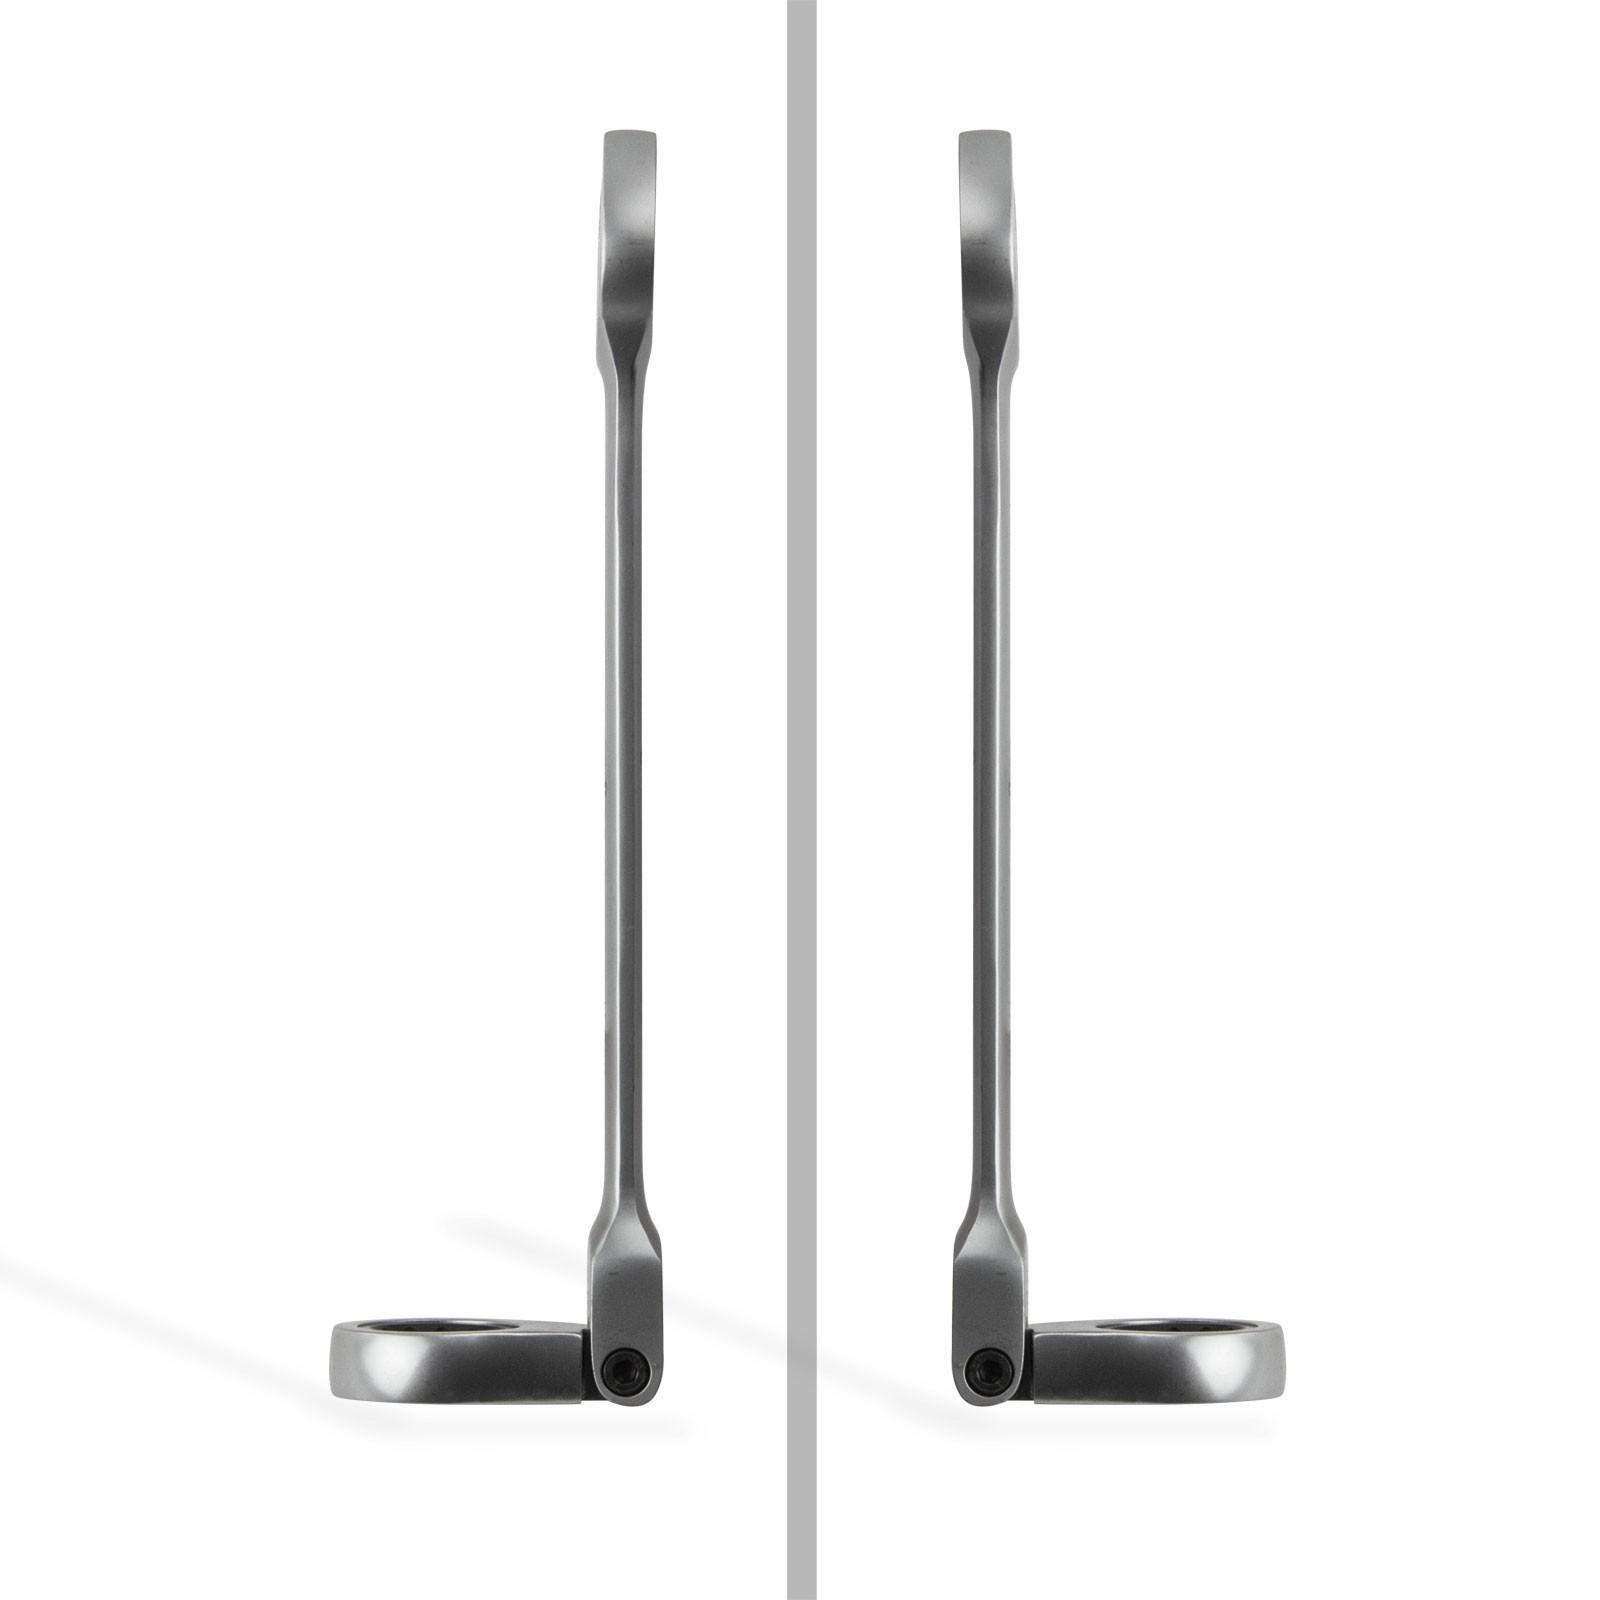 Dema Gelenk- Ratschenringschlüssel / Maul-Ratschenschlüssel 13 mm 21857